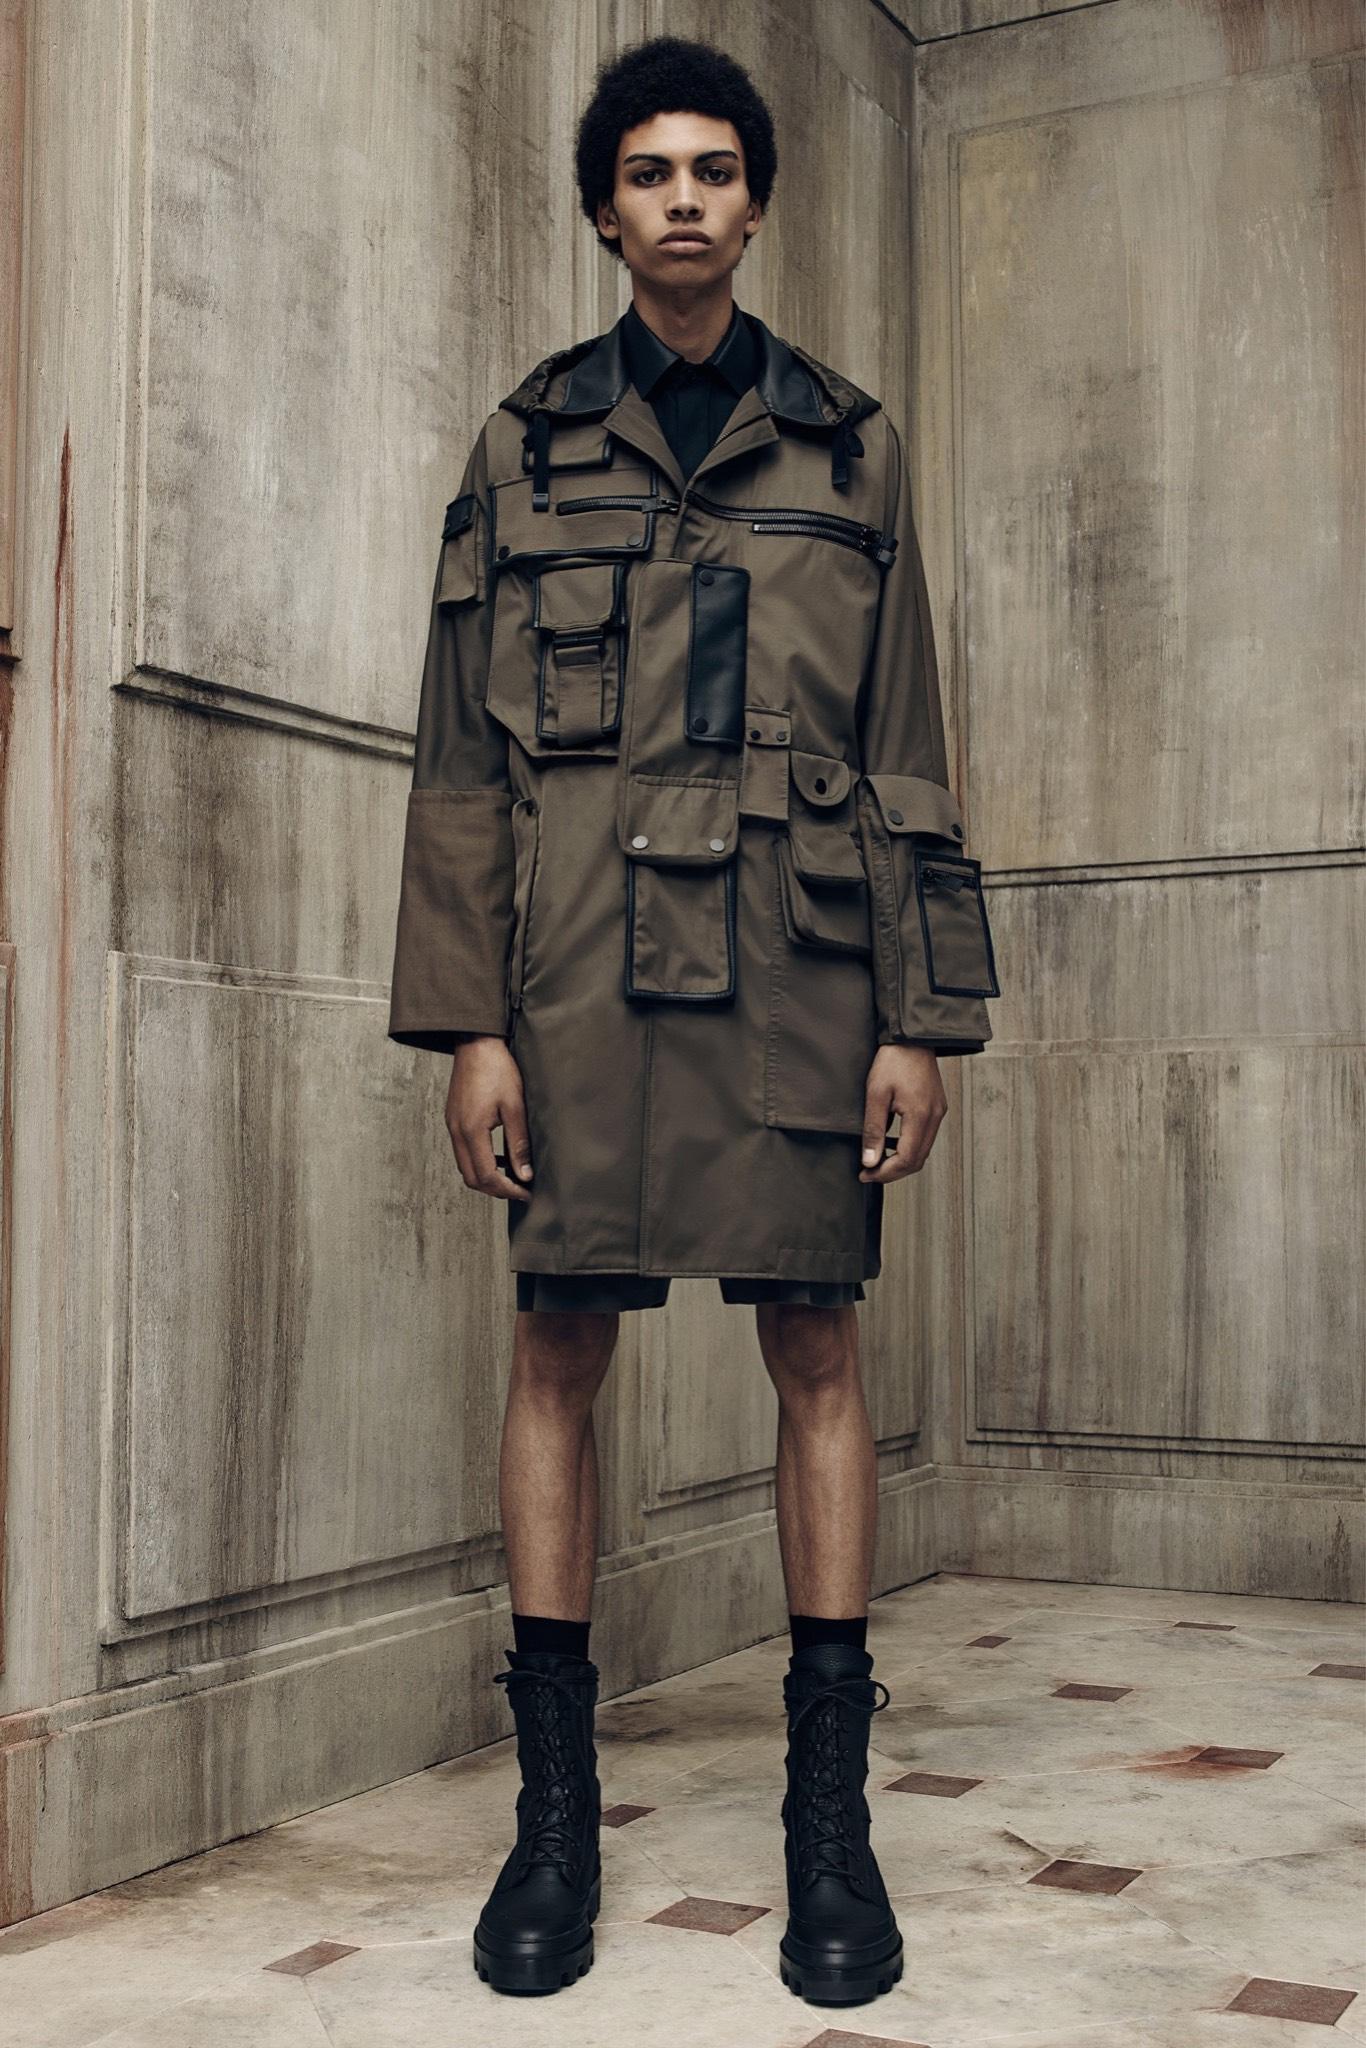 Sol Goss New York Fashion Week